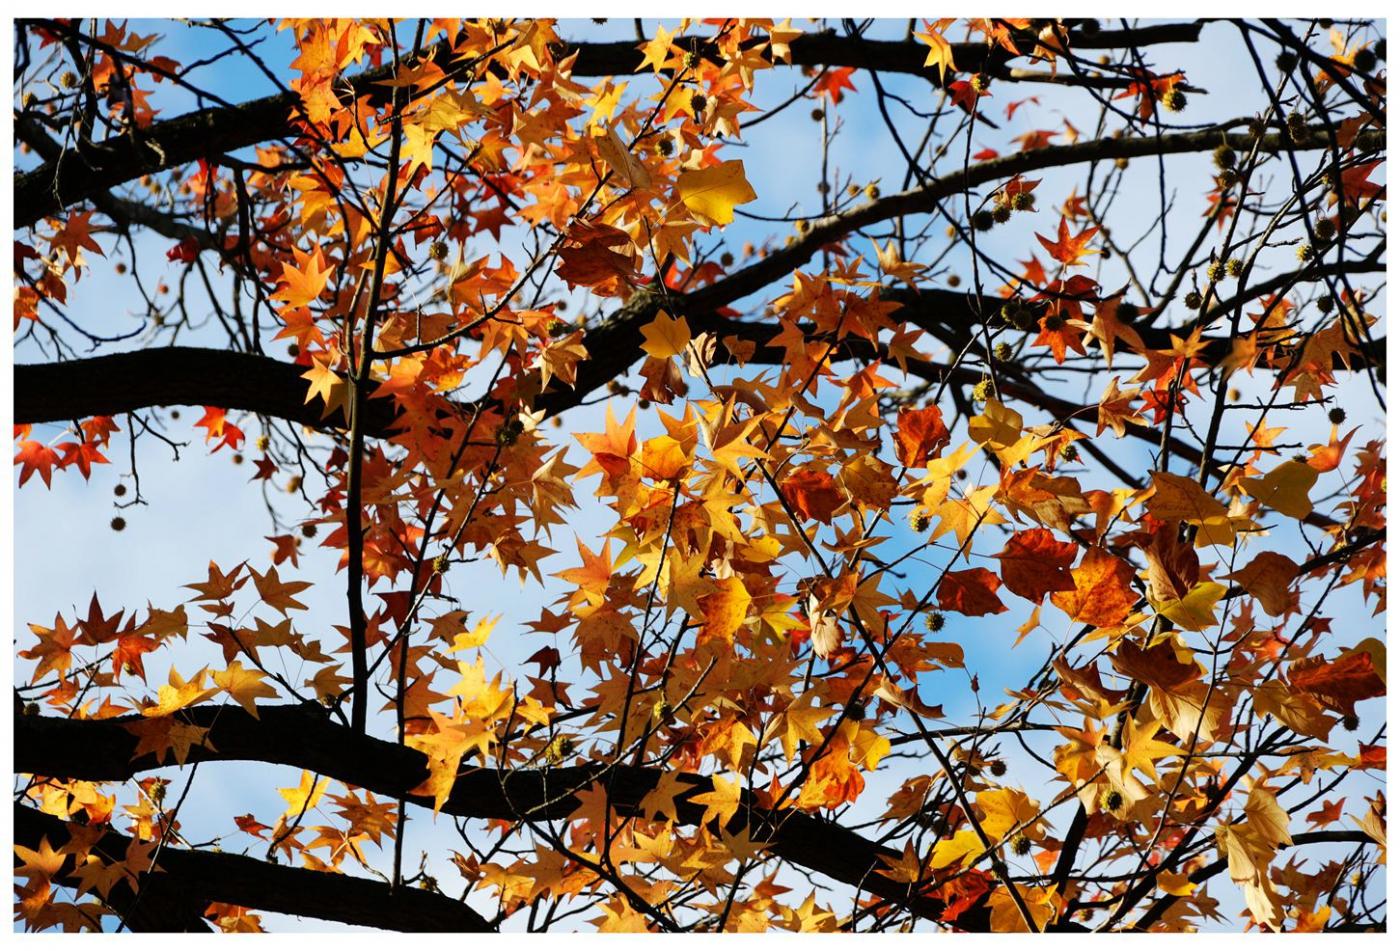 风光] 叶到红时勘比花—实拍美国东部深秋红叶_图1-25